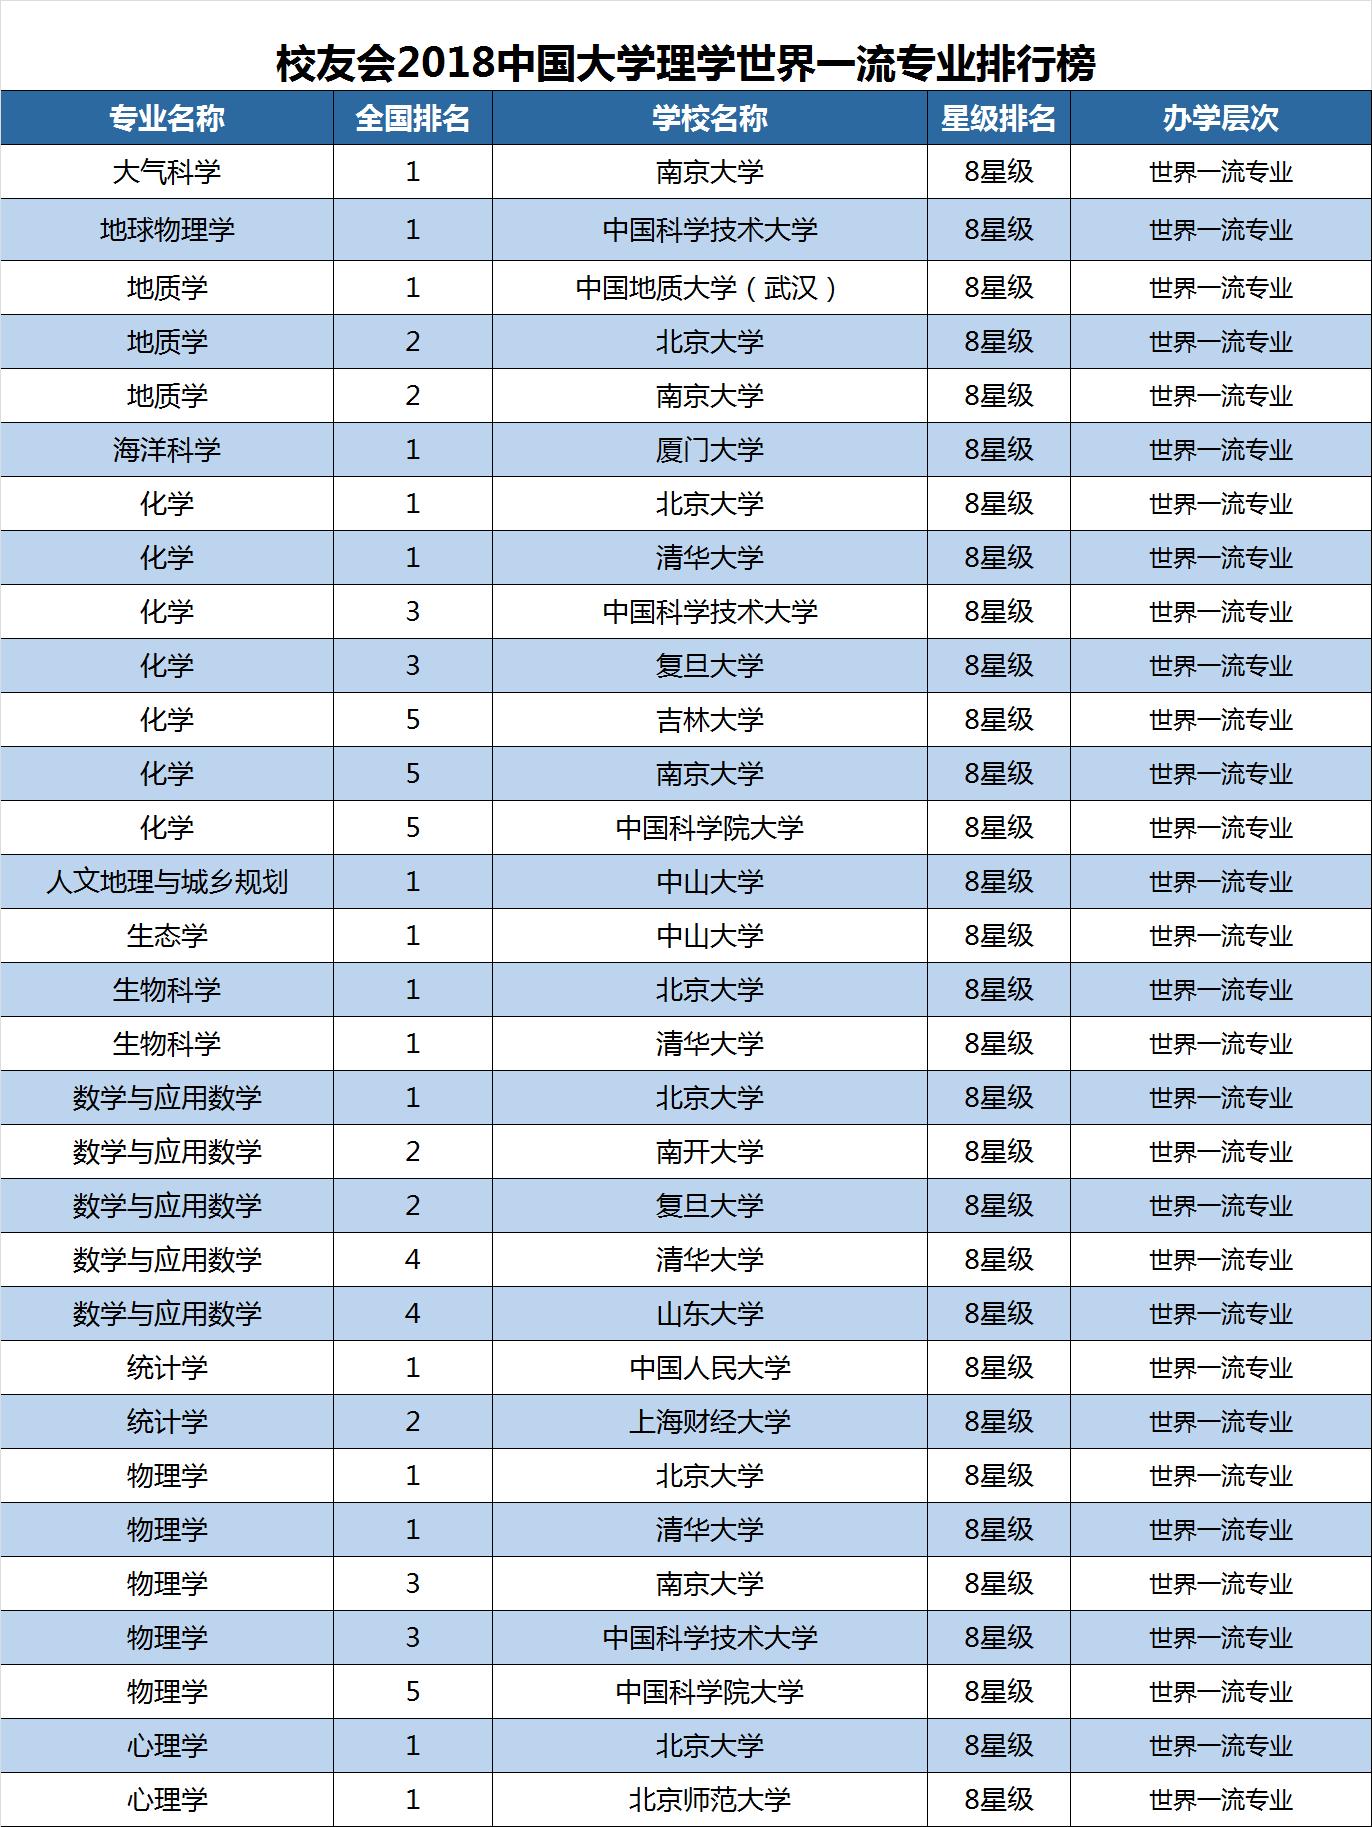 2018专业排行榜_2018高考热门专业排行榜前十名 大学热门专业排行榜 什么